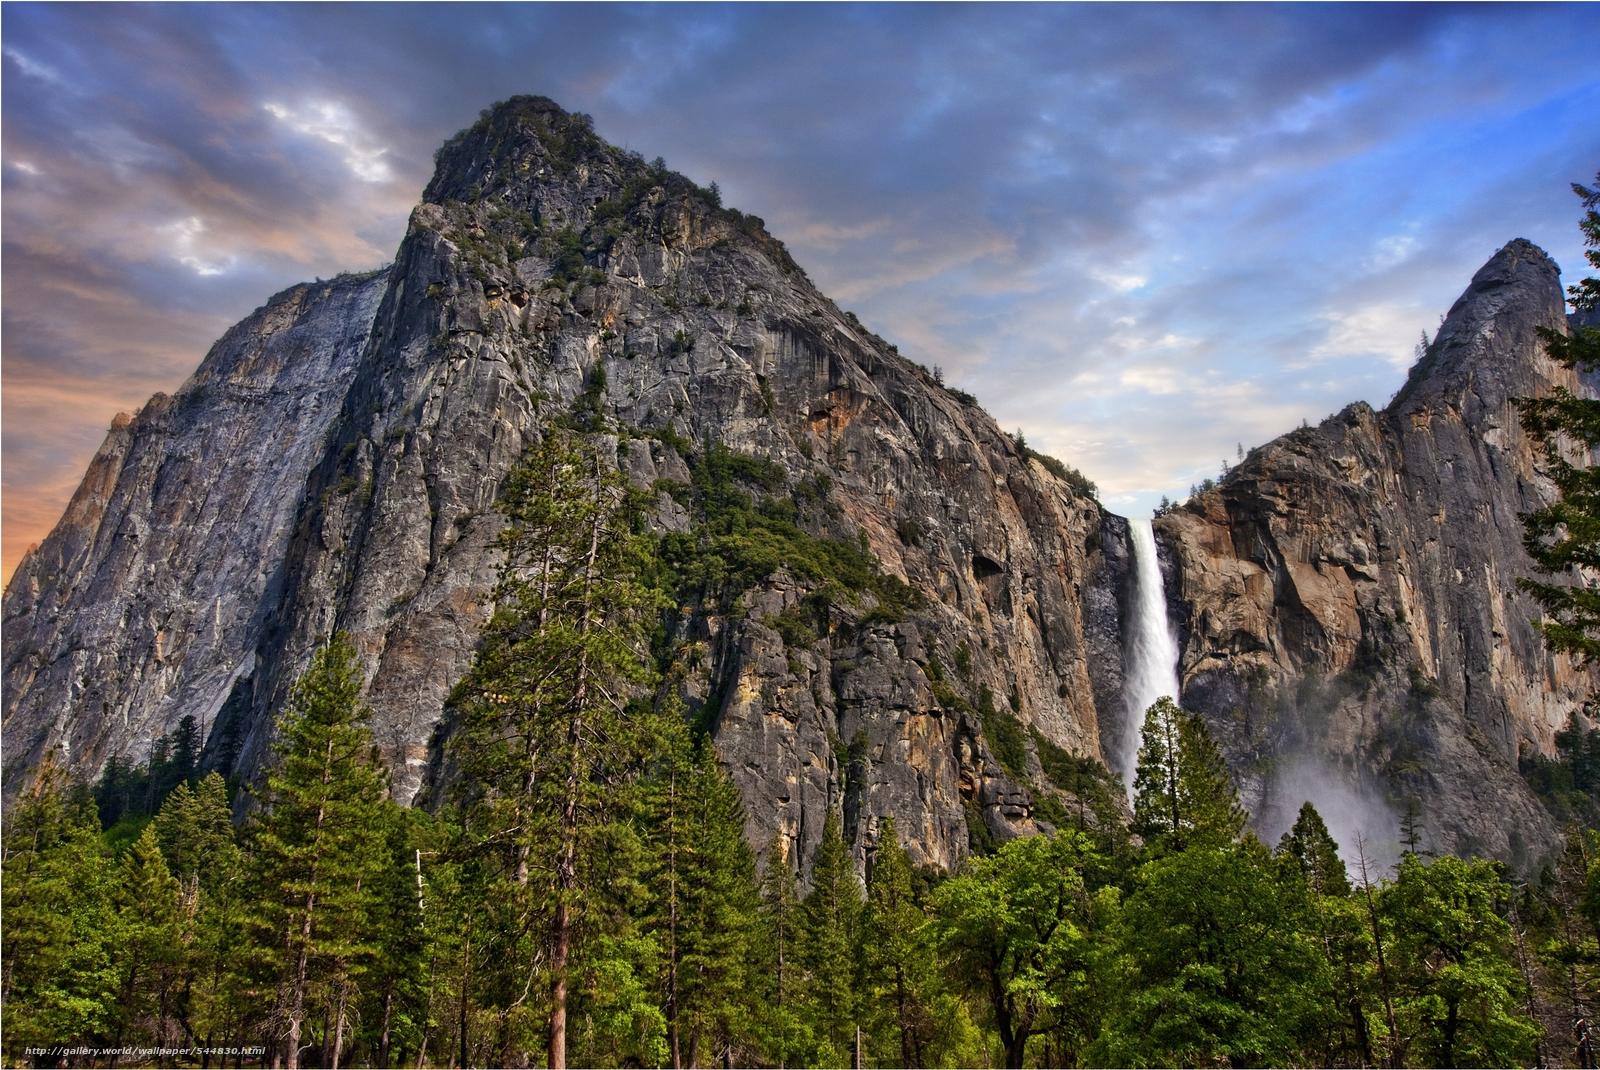 下载壁纸 优胜美地国家公园 美国 景观 免费为您的桌面分辨率的壁纸 2924x1956 图片 №544830